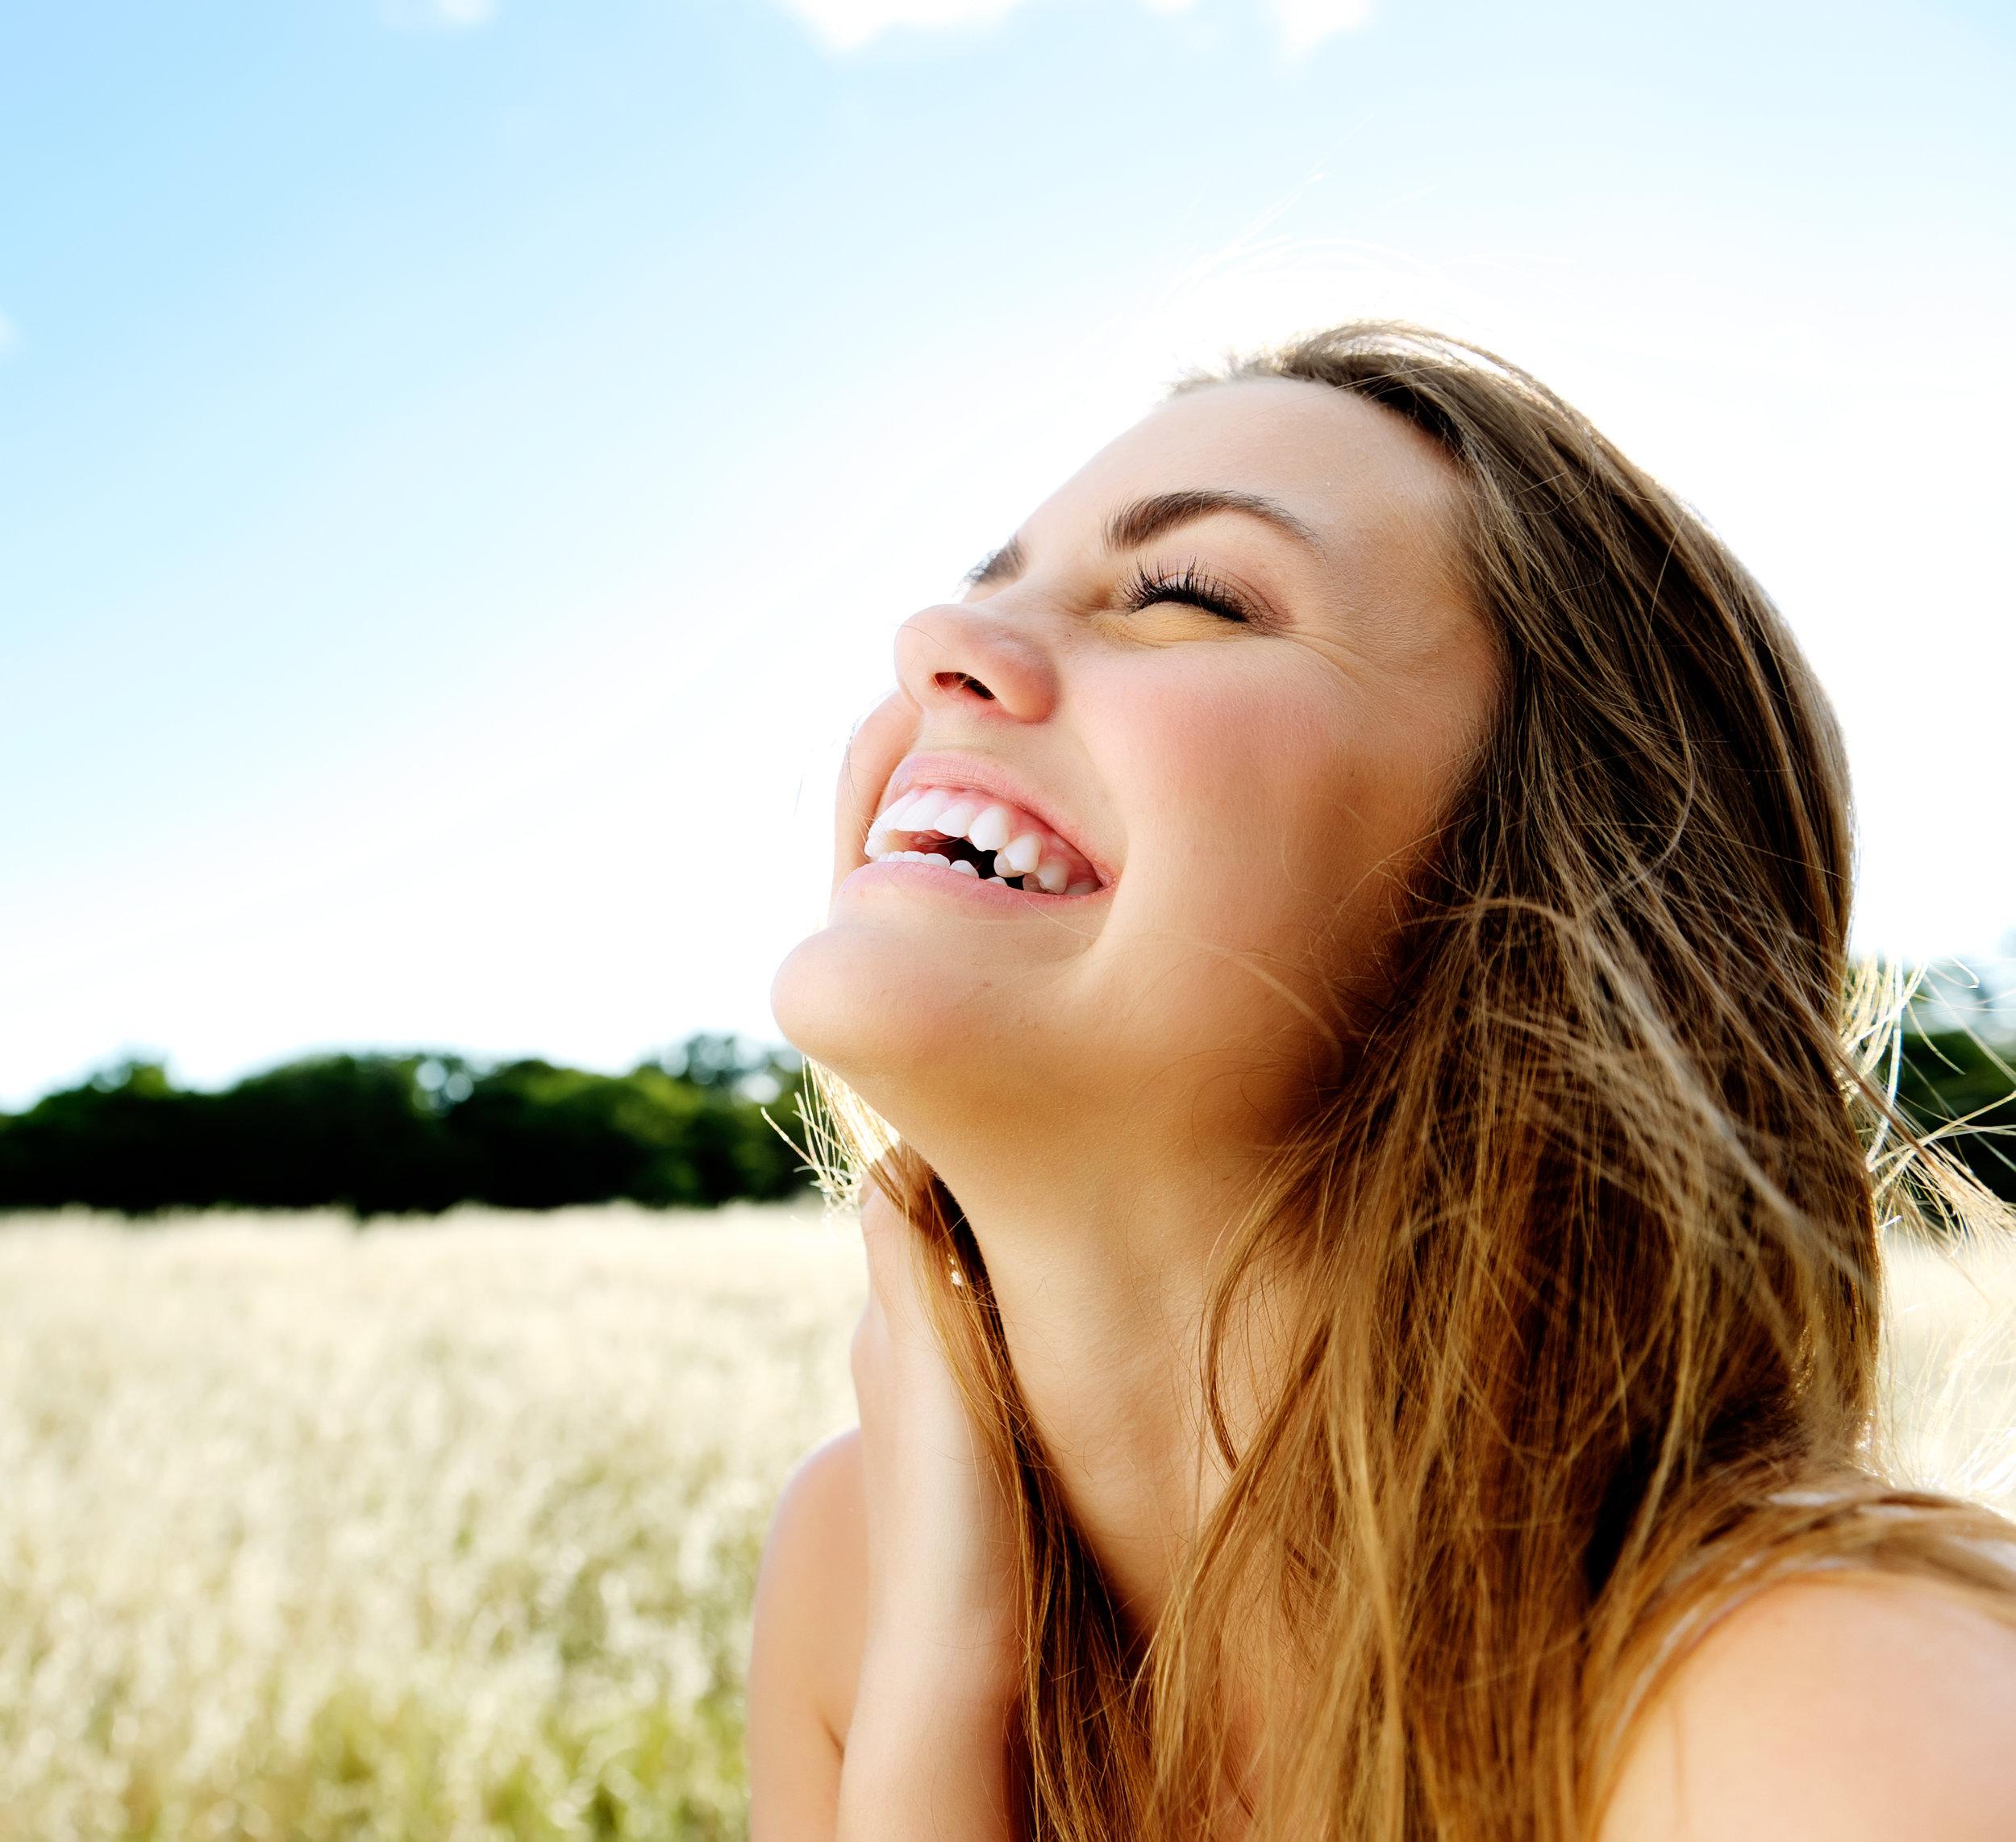 girl smile.jpg